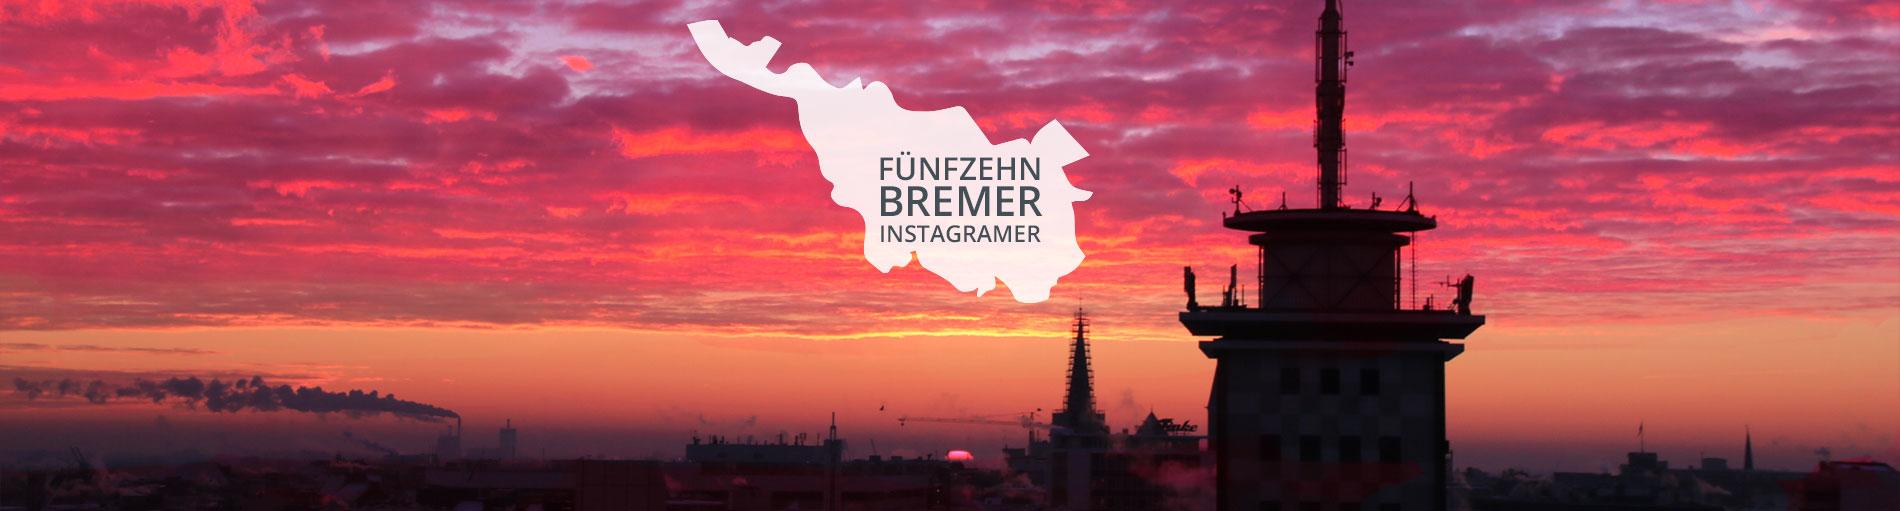 Der Umriss Bremens mit der Aufschrift 15 Bremer Instagramer vor Sonnenuntergang